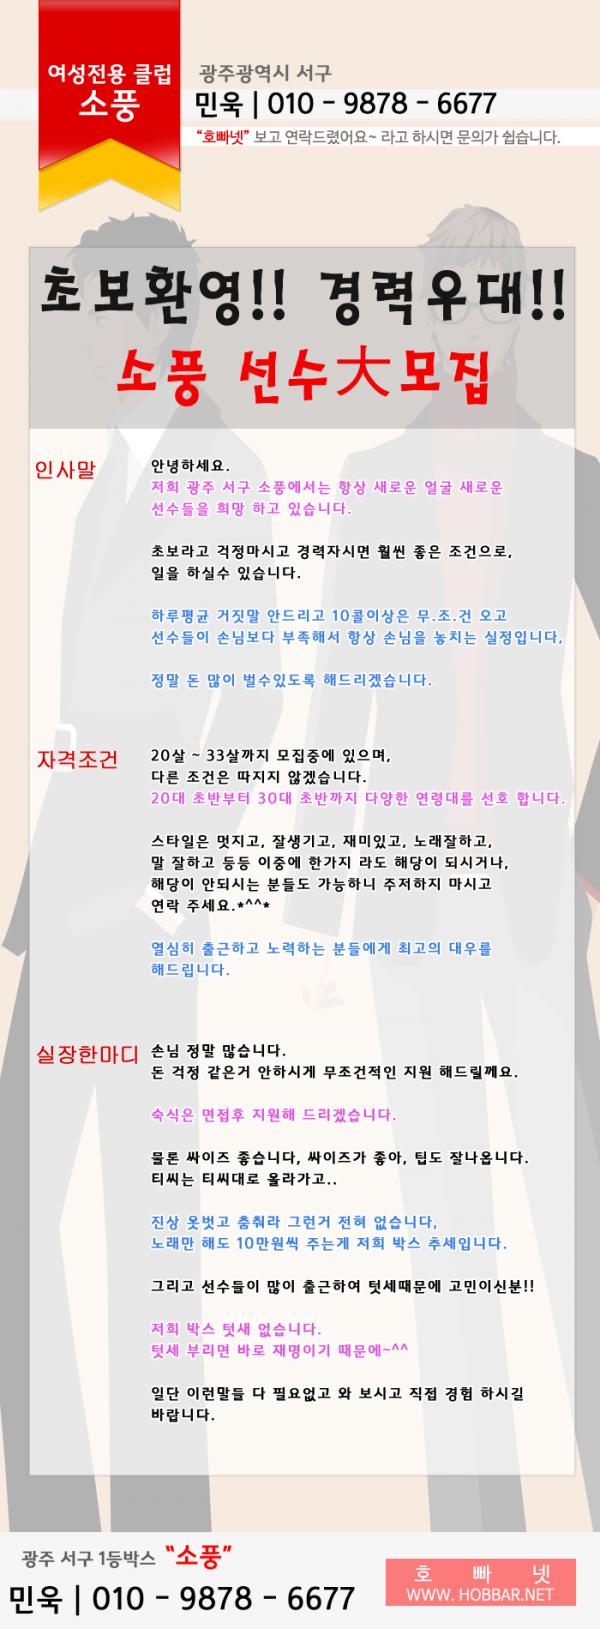 광주호빠 소풍 1등박스 민욱.png